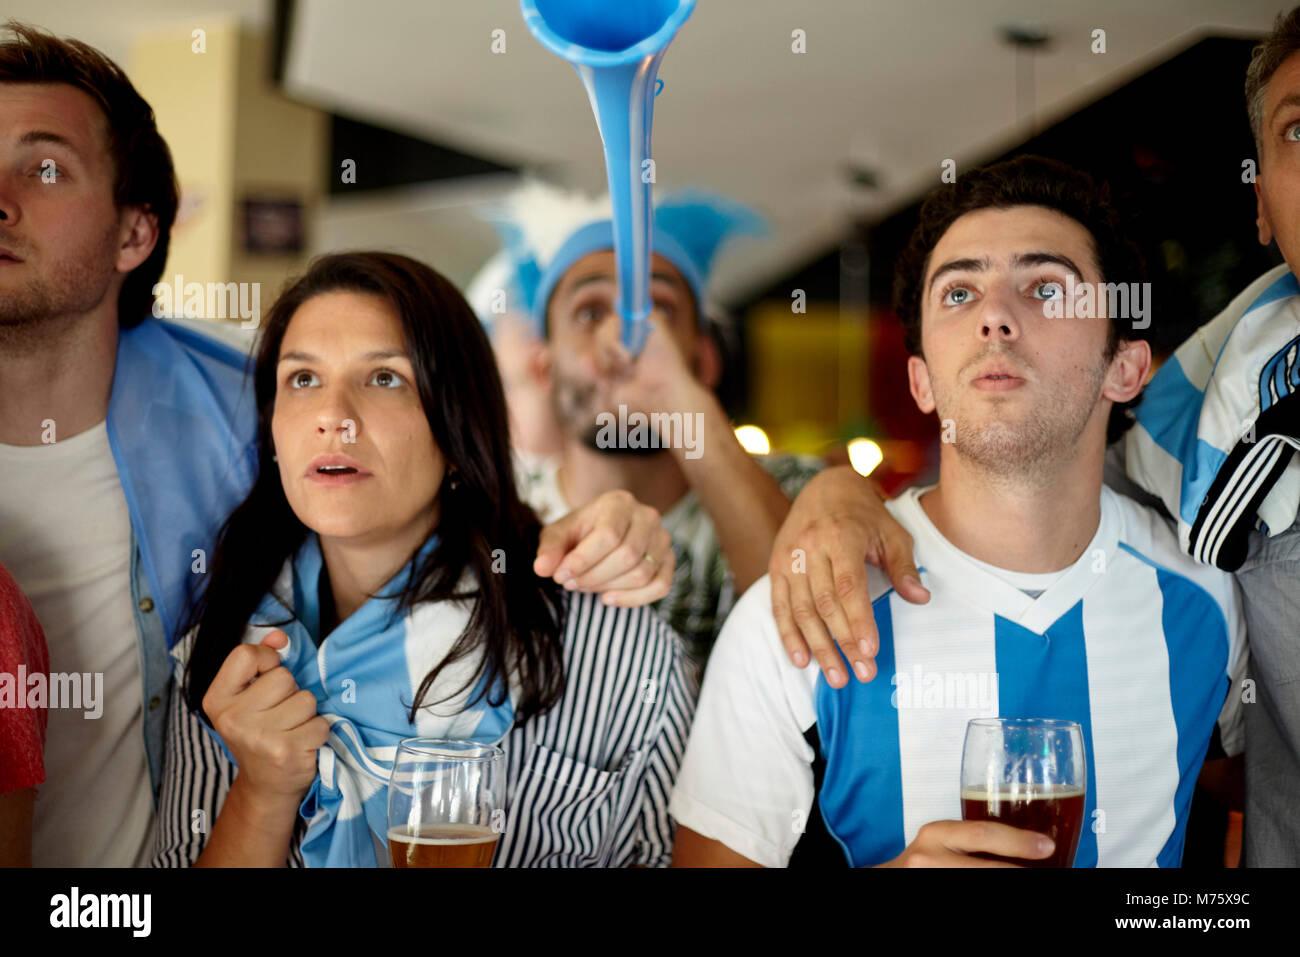 Argentinischen Fußballfans beobachten Match in bar Stockbild